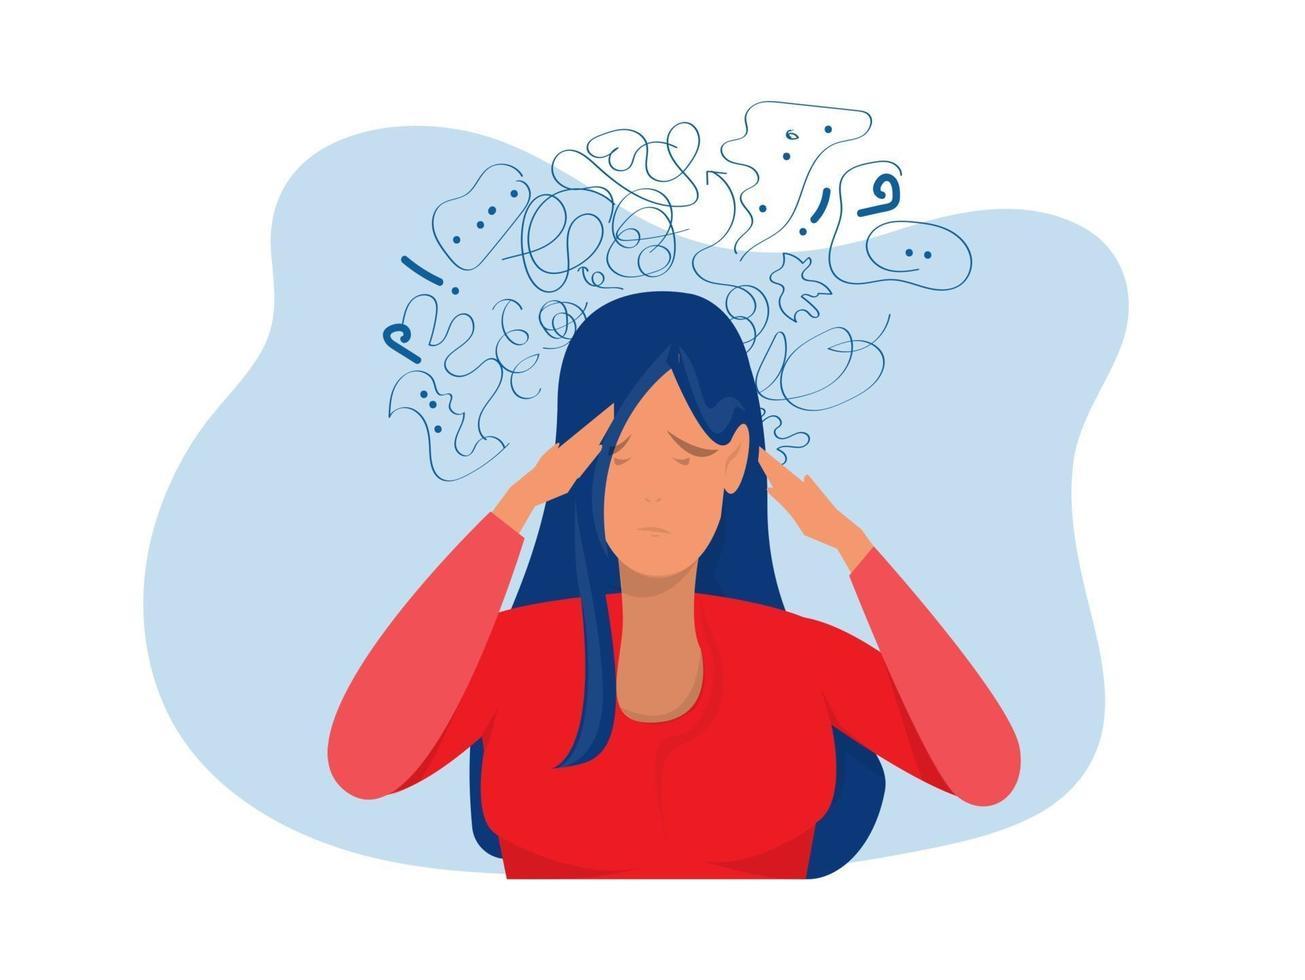 mulher sofre de pensamentos obsessivos, dor de cabeça, depressão não resolvida vetor